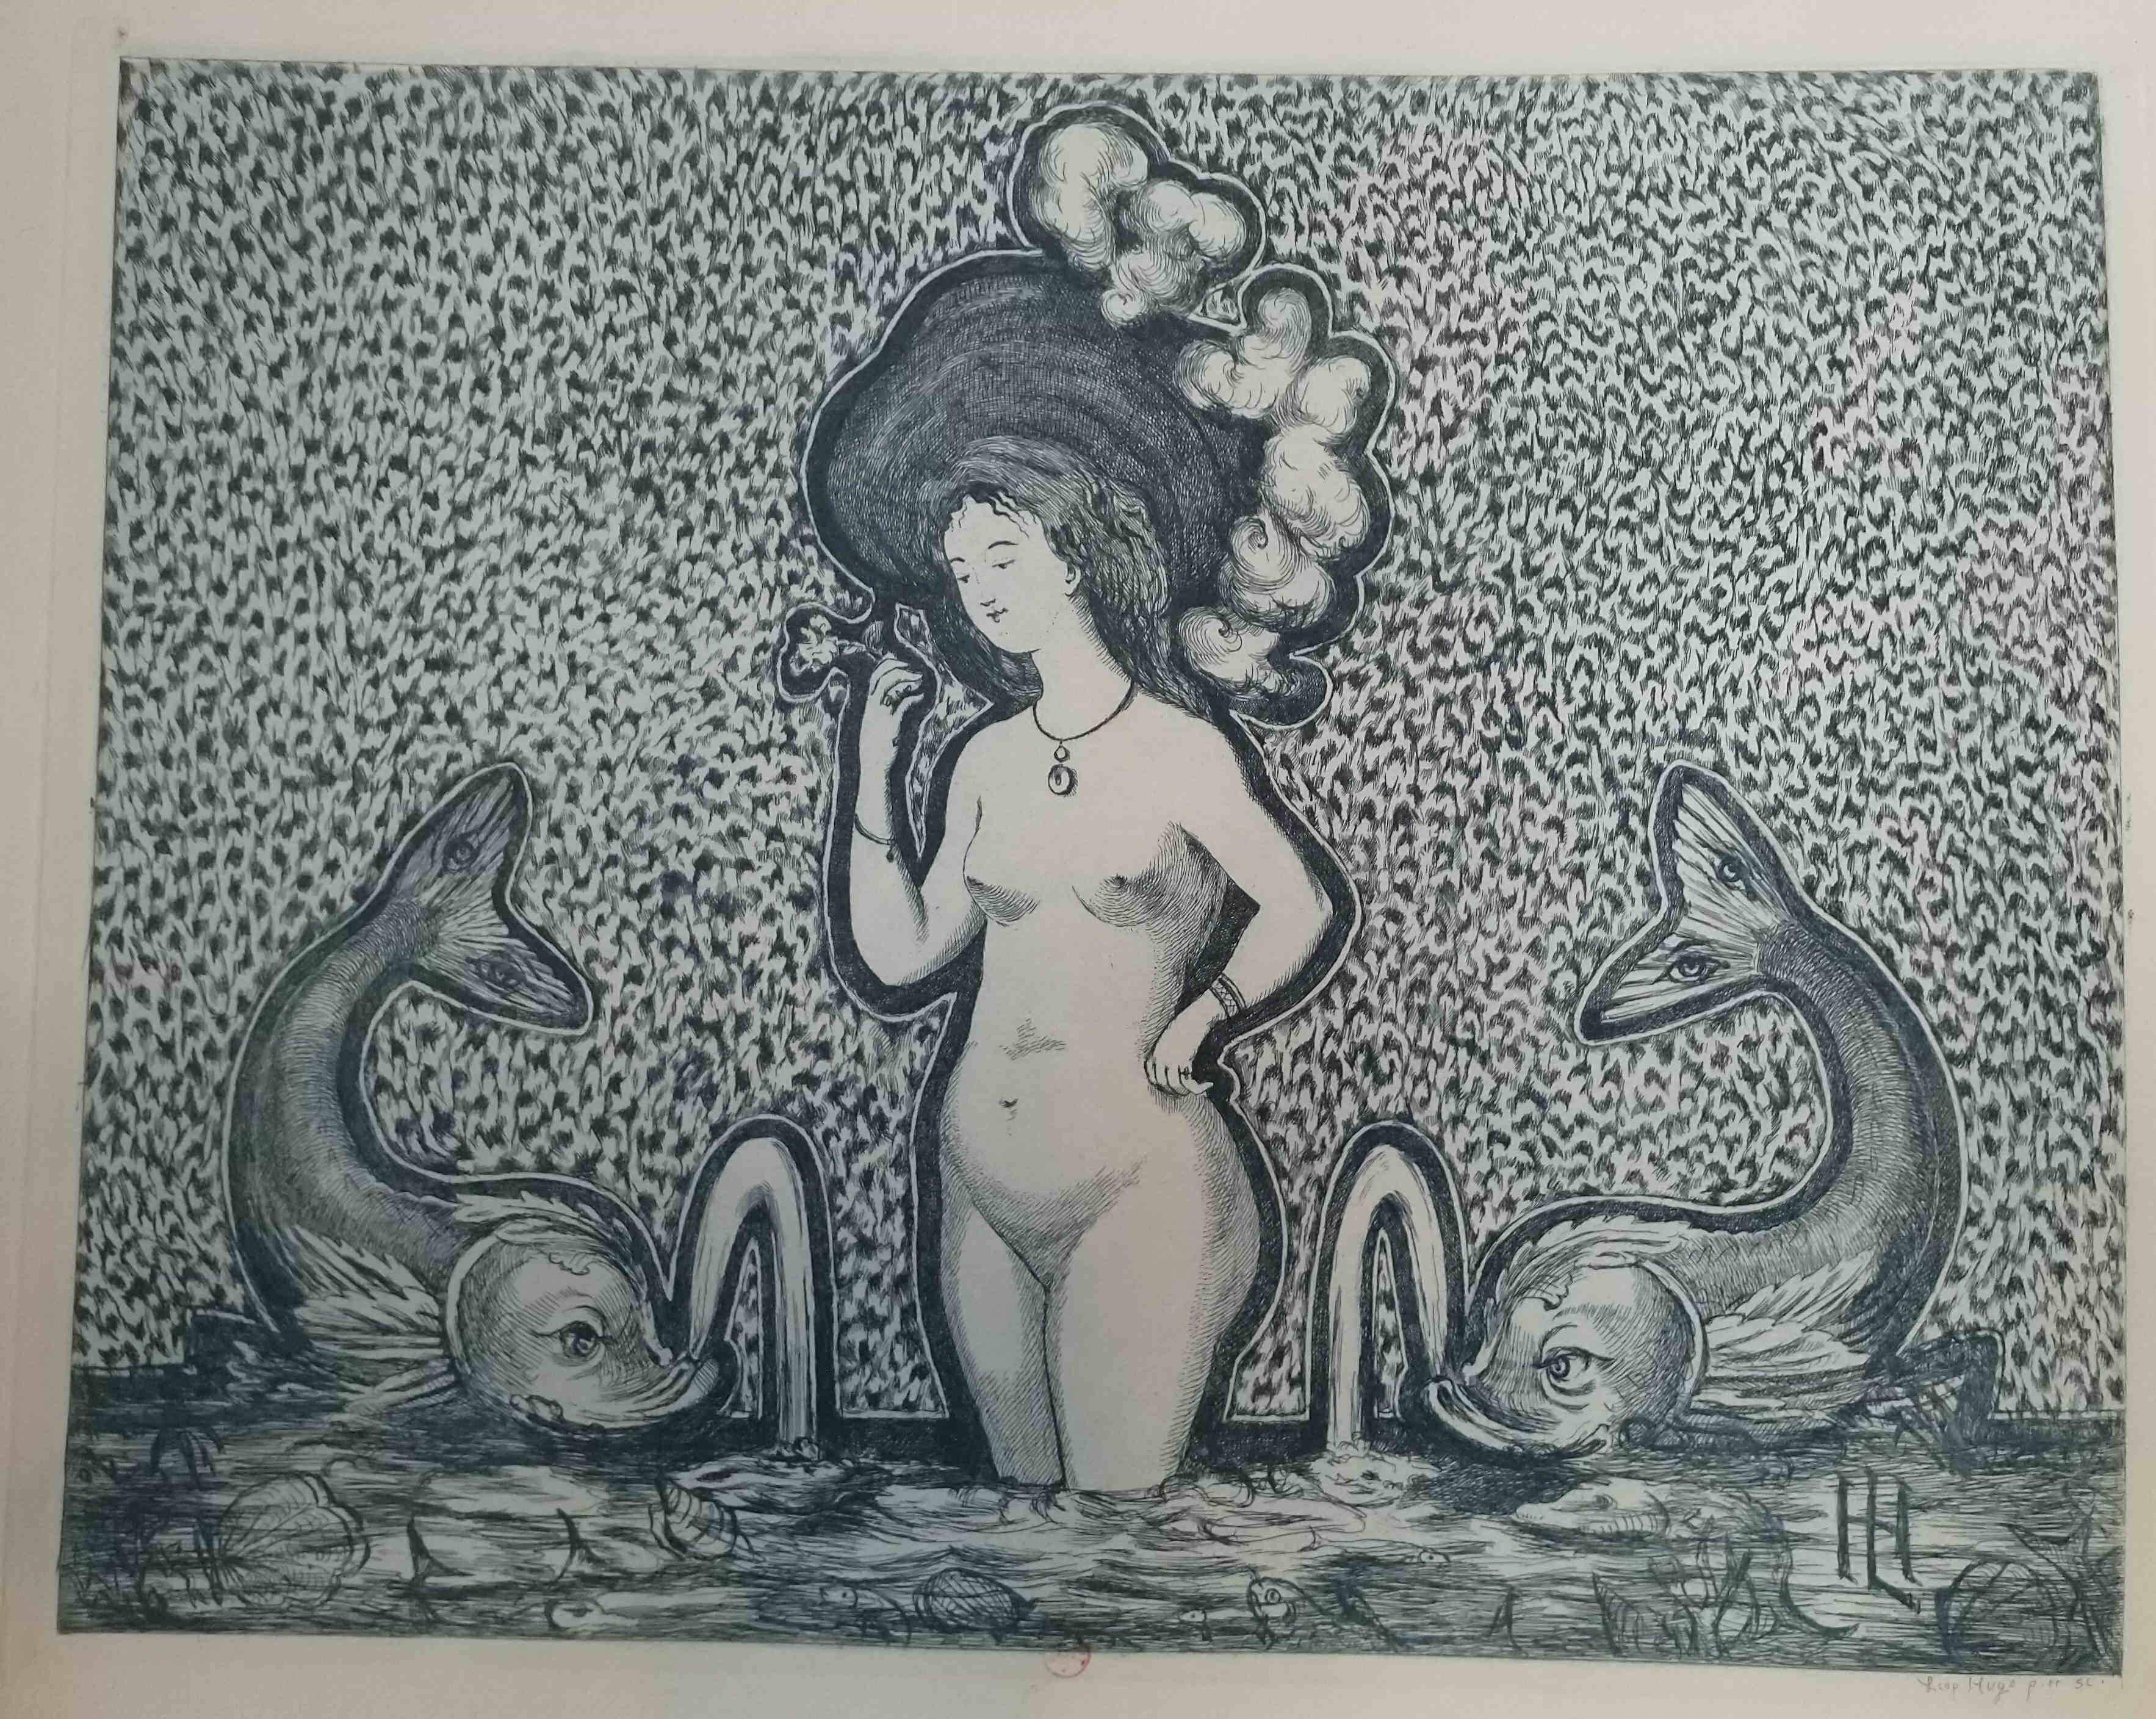 Leopold Armand Hugo BNF Femme nue entre deux dauphins